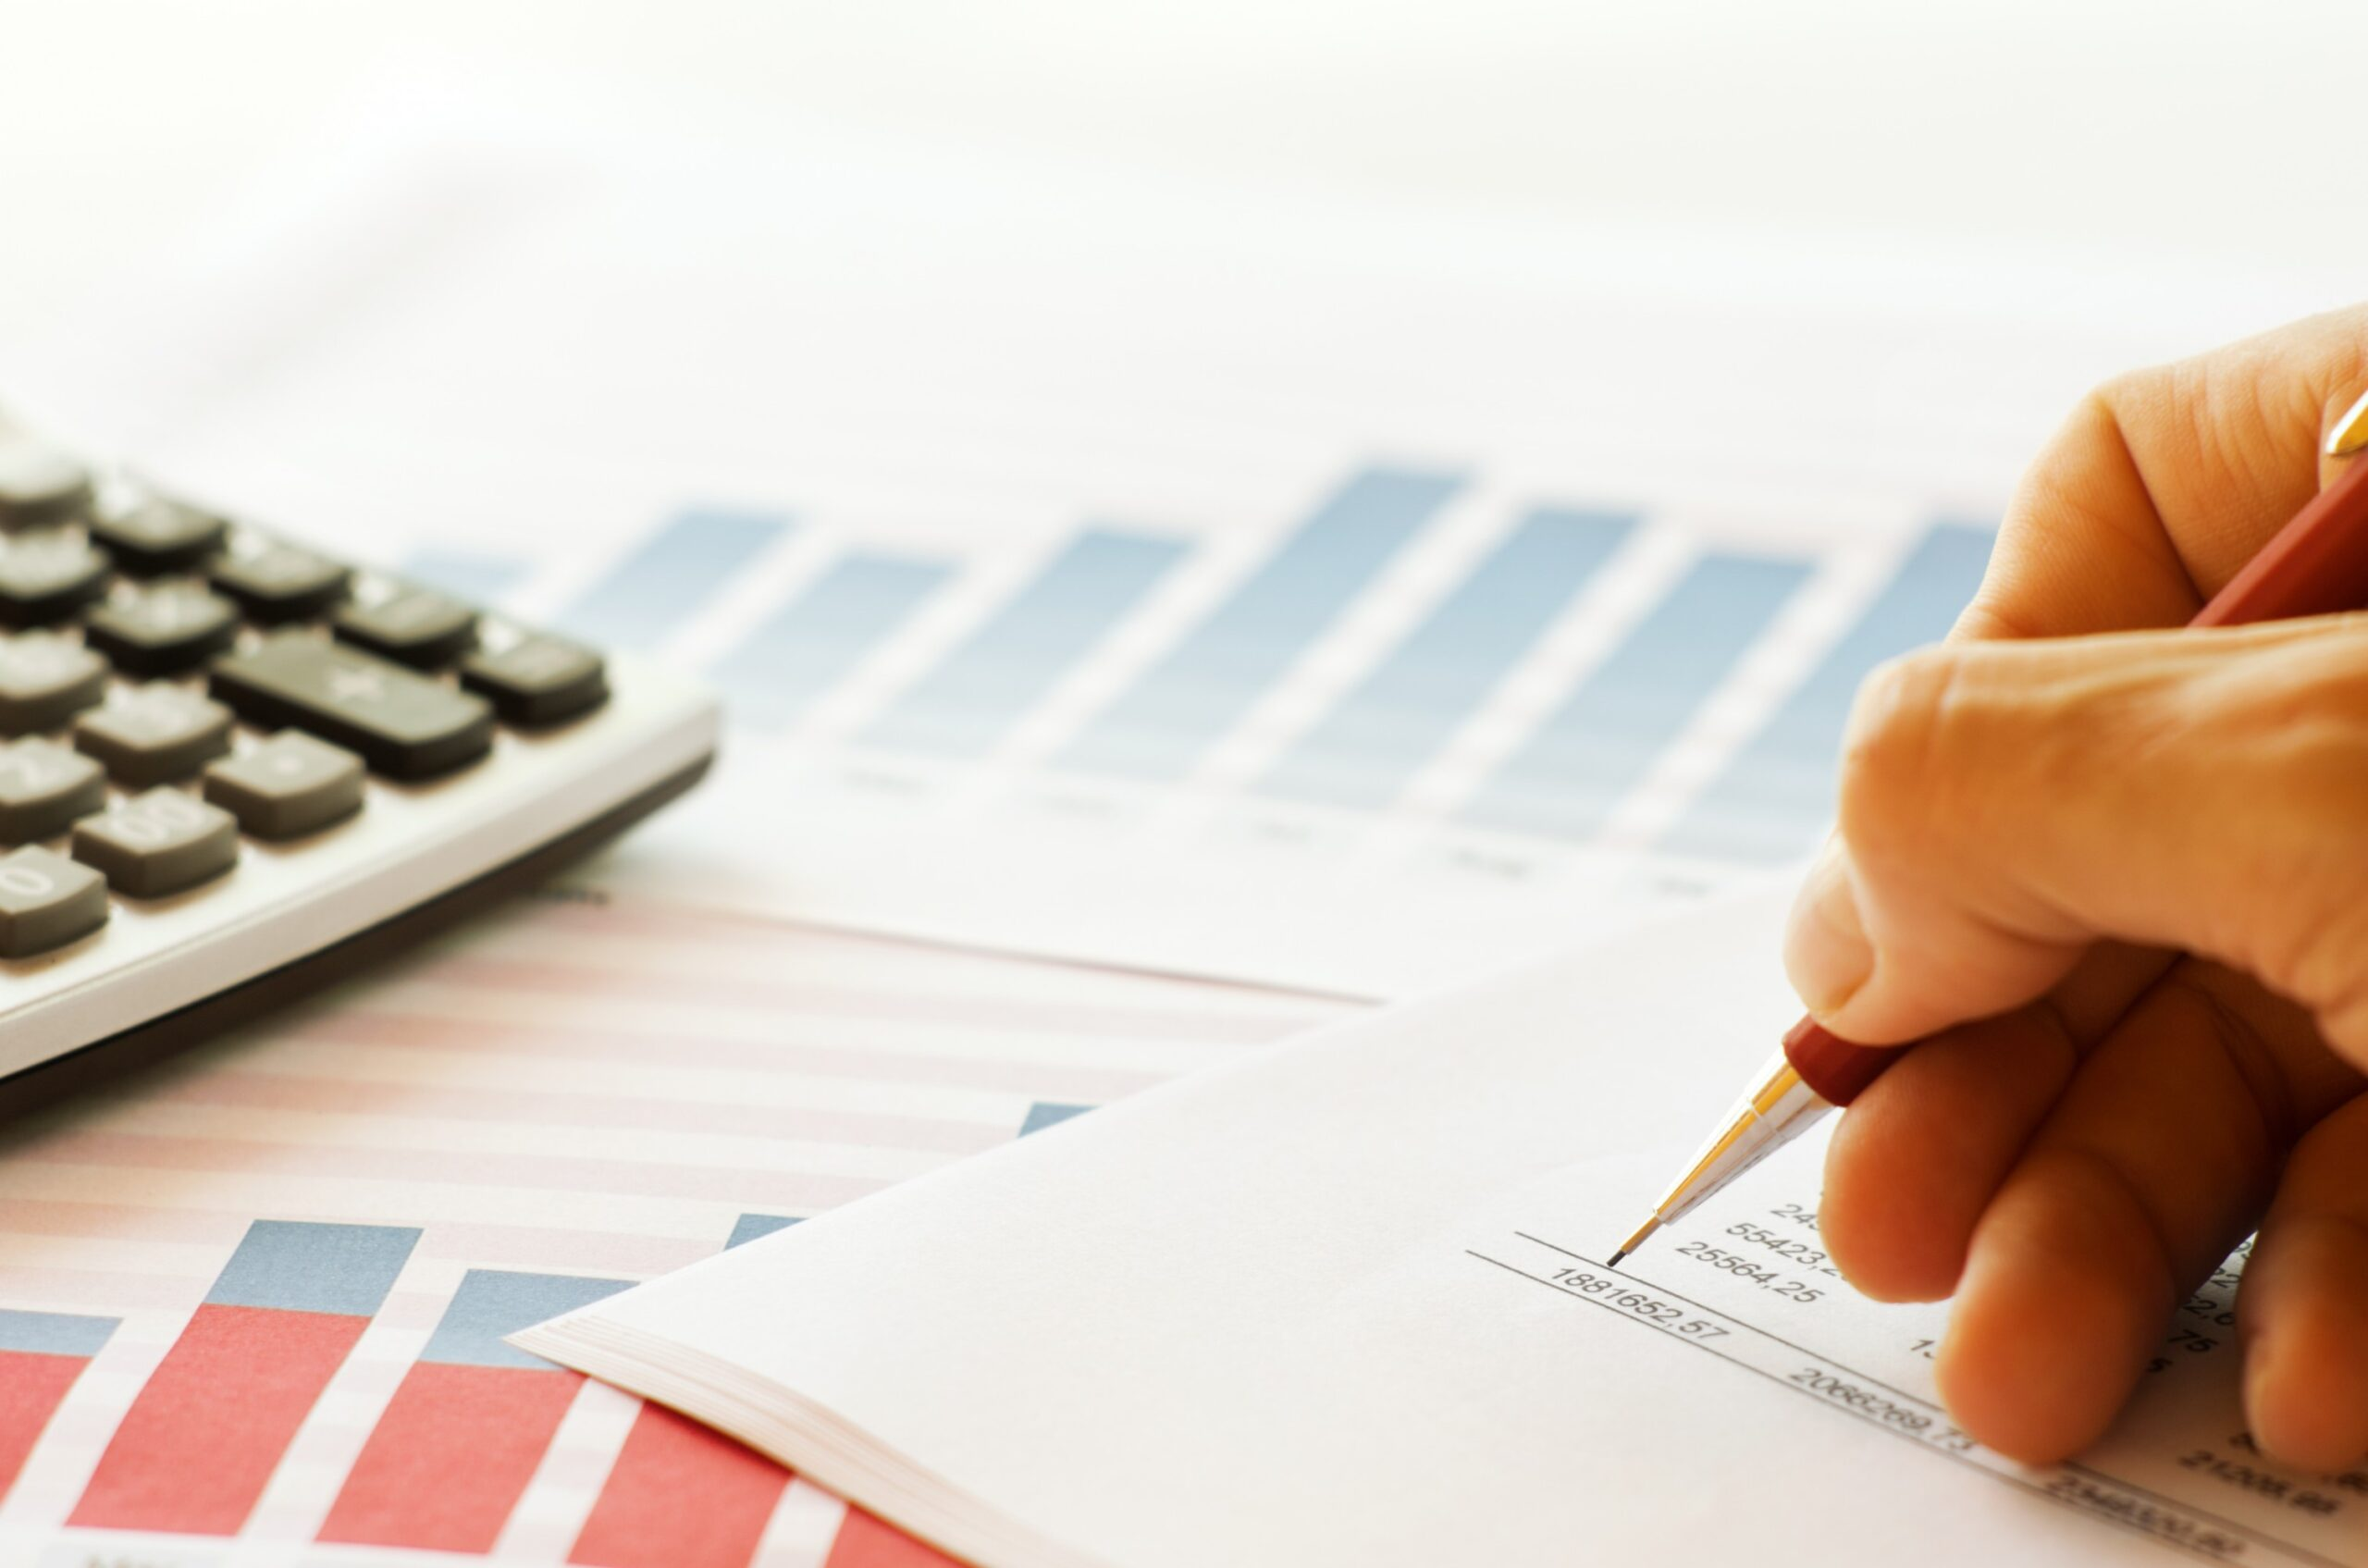 margem de contribuição - pessoal avaliando dados financeiros